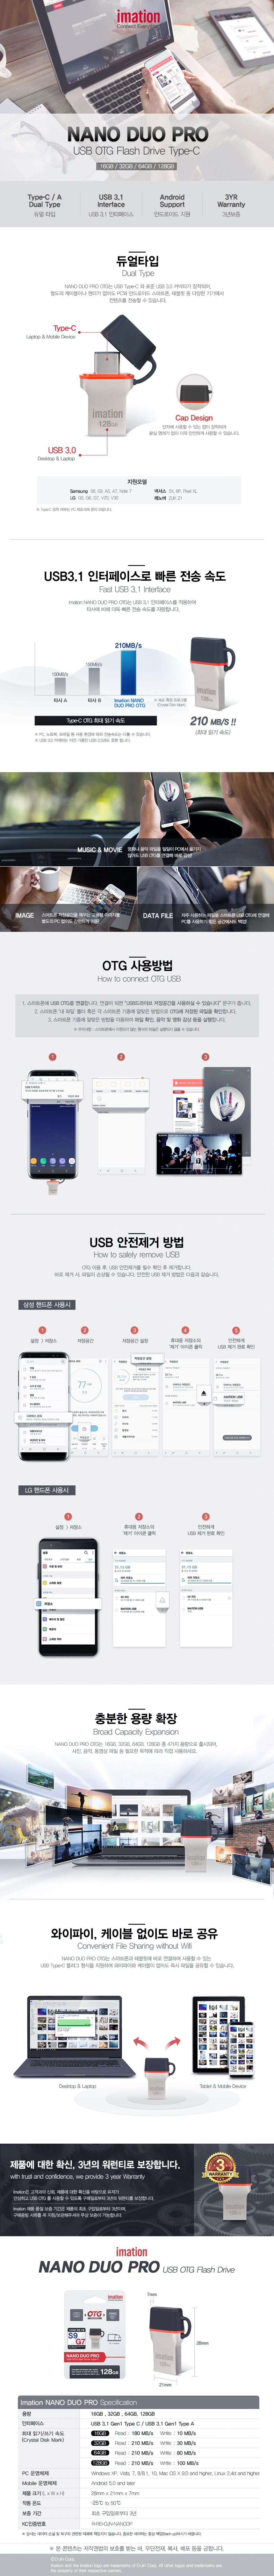 이메이션  NANO Duo Pro(32GB)